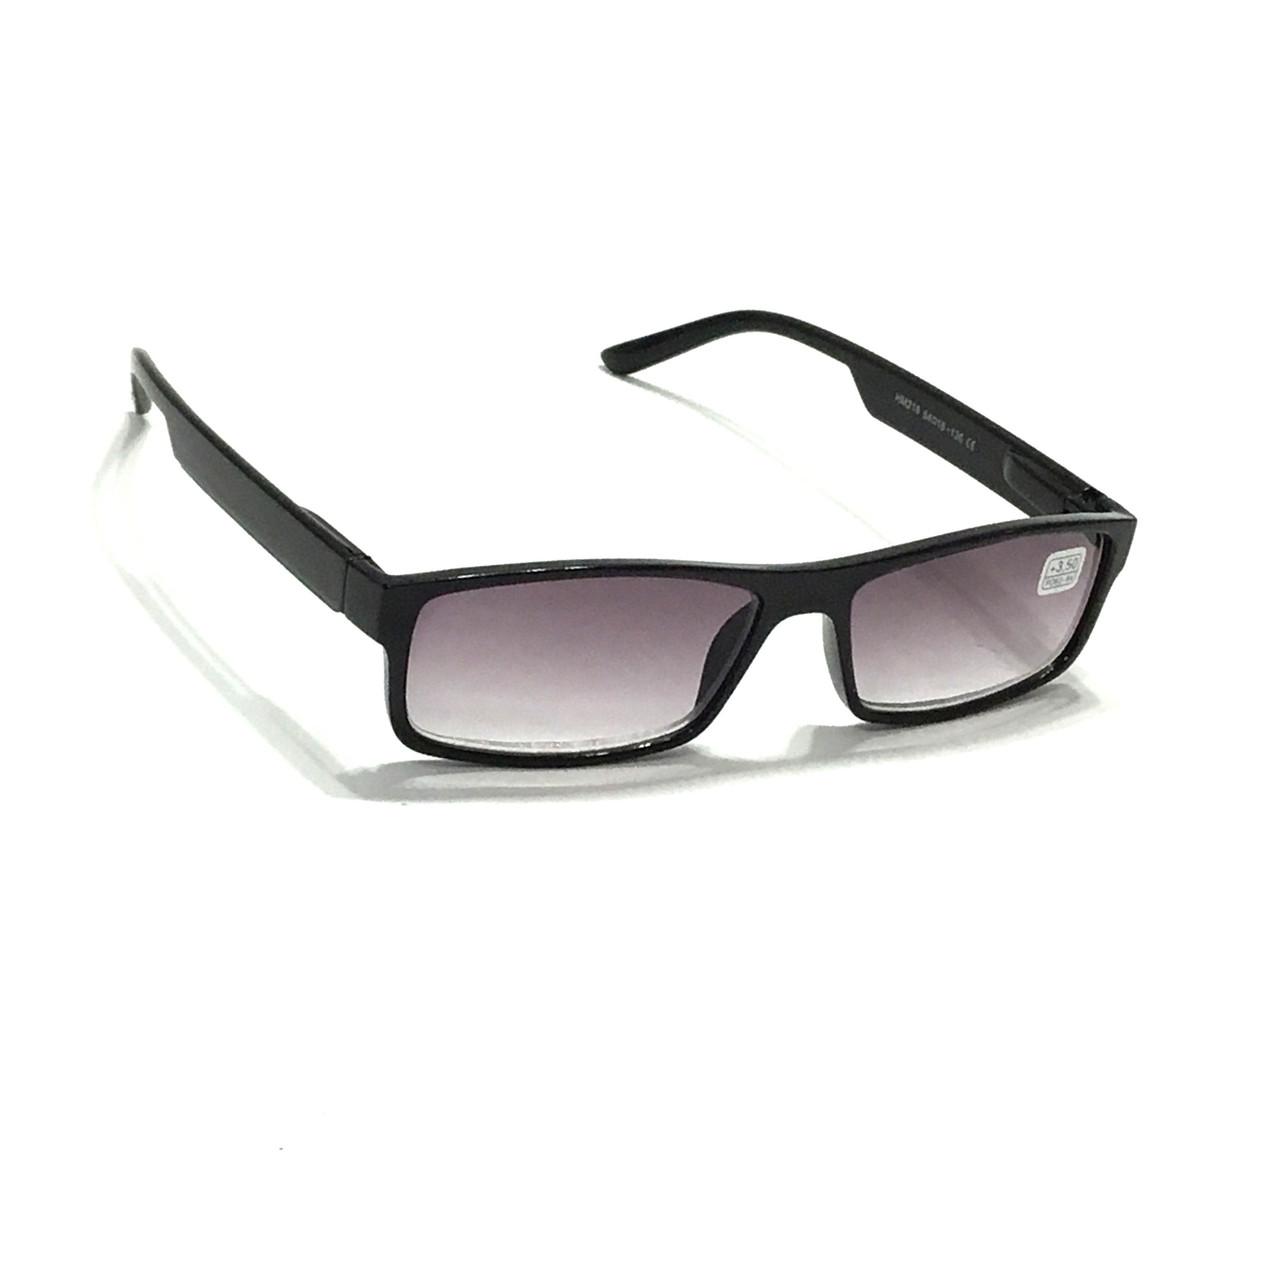 Мужские очки в пластмассовой оправе с тонированной линзой